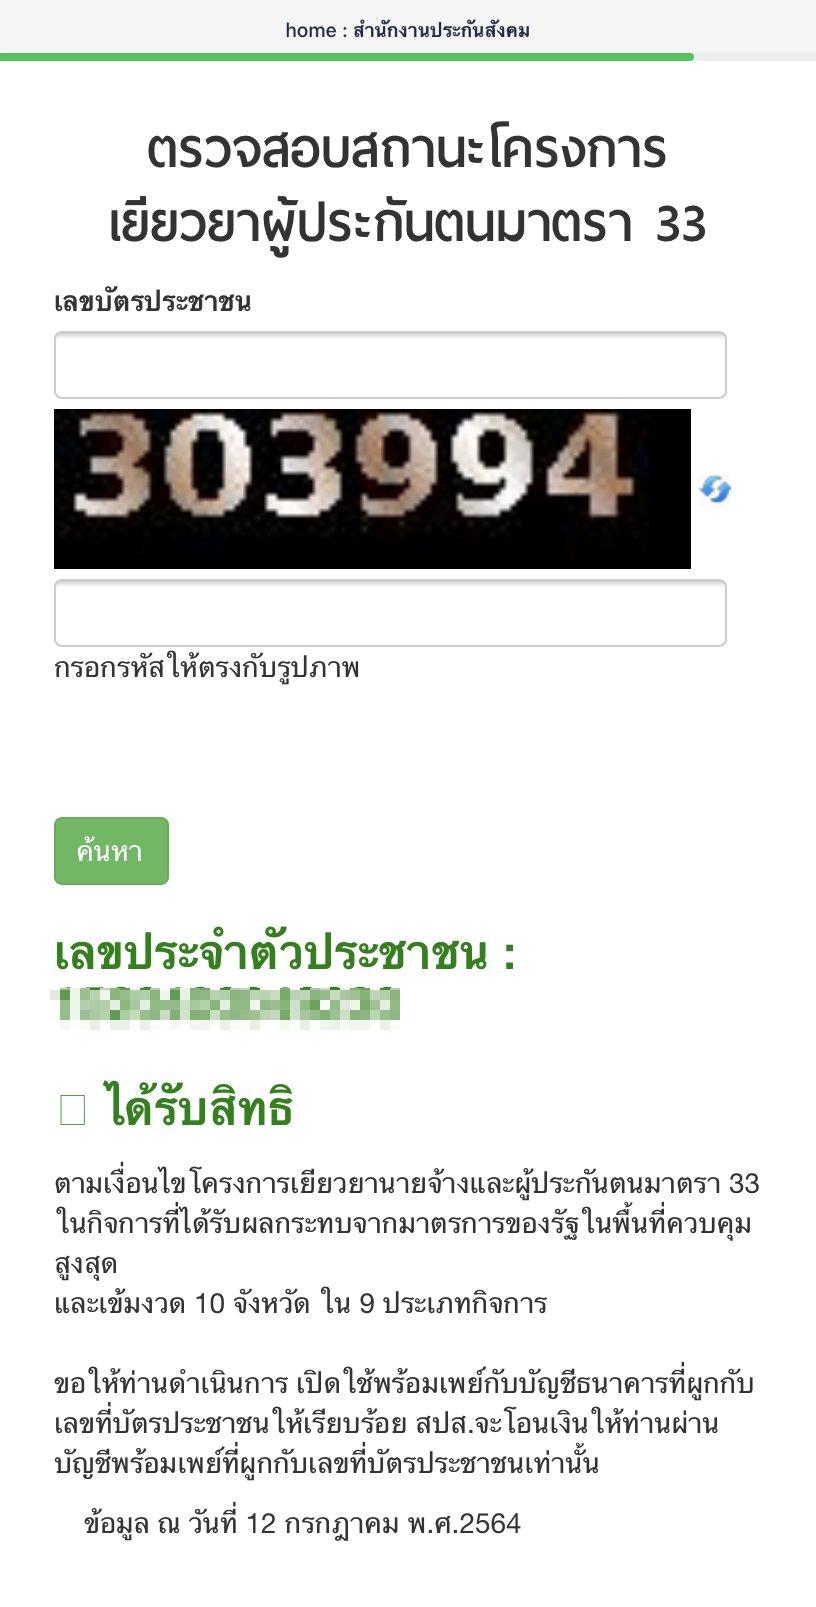 7f979913-722e-447c-959f-b4baf